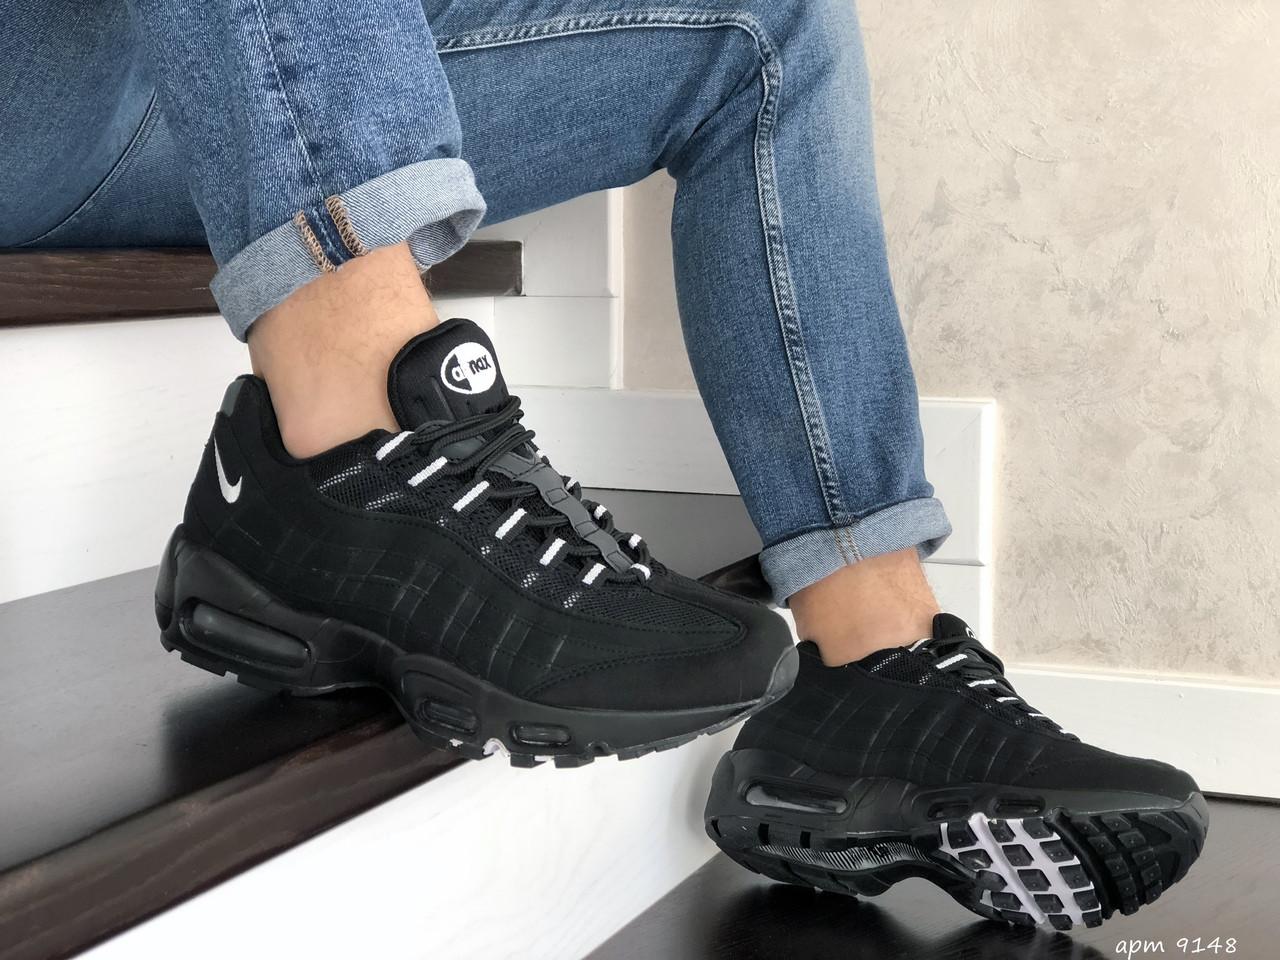 Мужские кроссовки Nike 95 (черно-белые) 9148